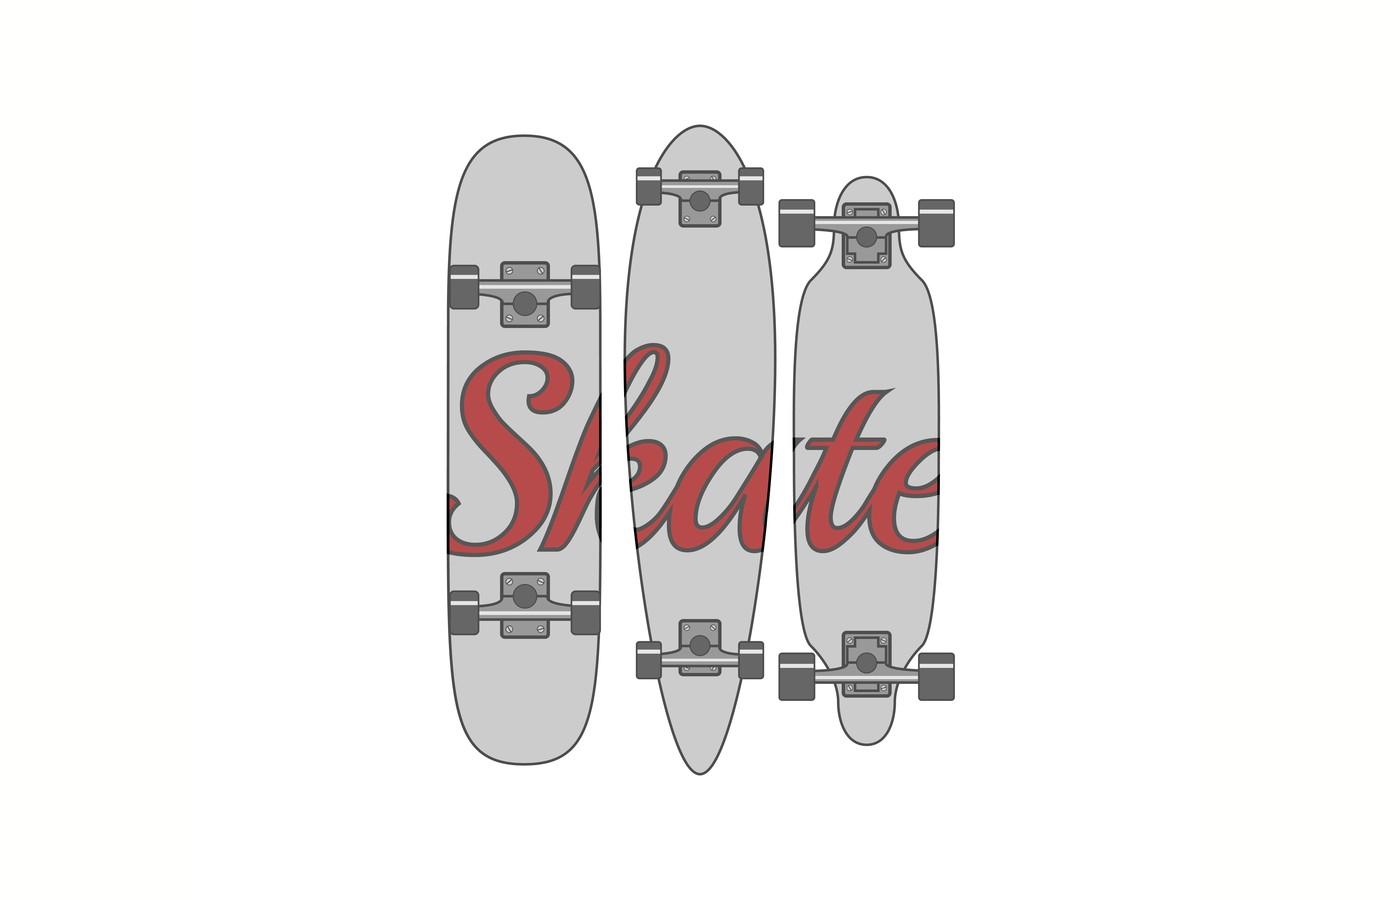 Какой скейт выбрать